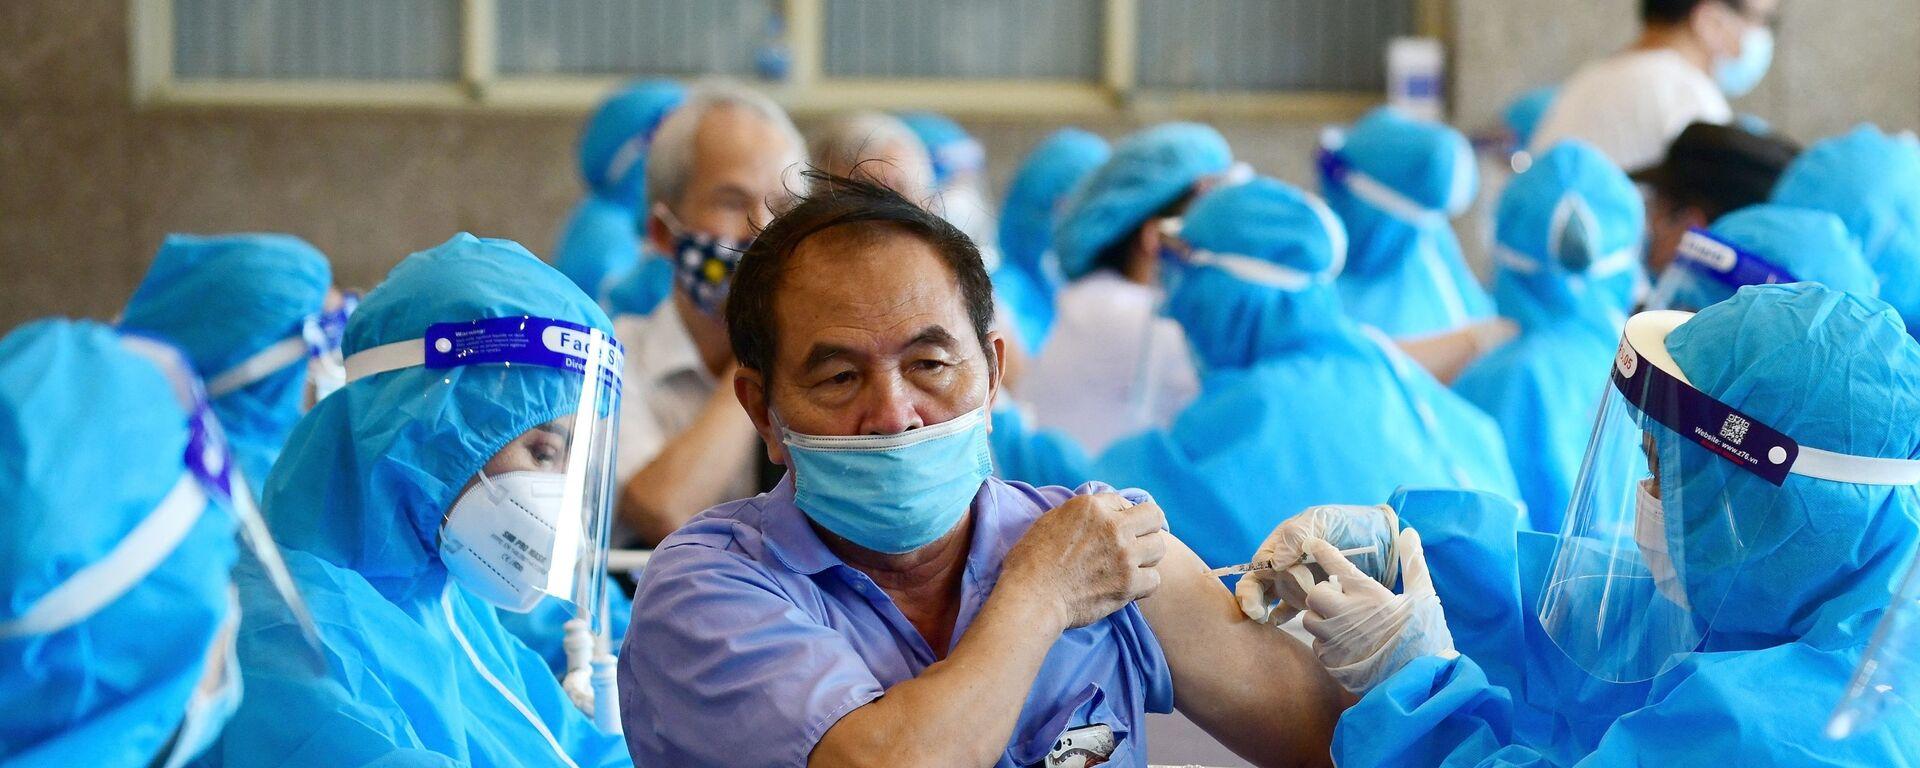 Očkování proti koronaviru vakcínou AstraZeneca v Hanoji ve Vietnamu - Sputnik Česká republika, 1920, 08.10.2021